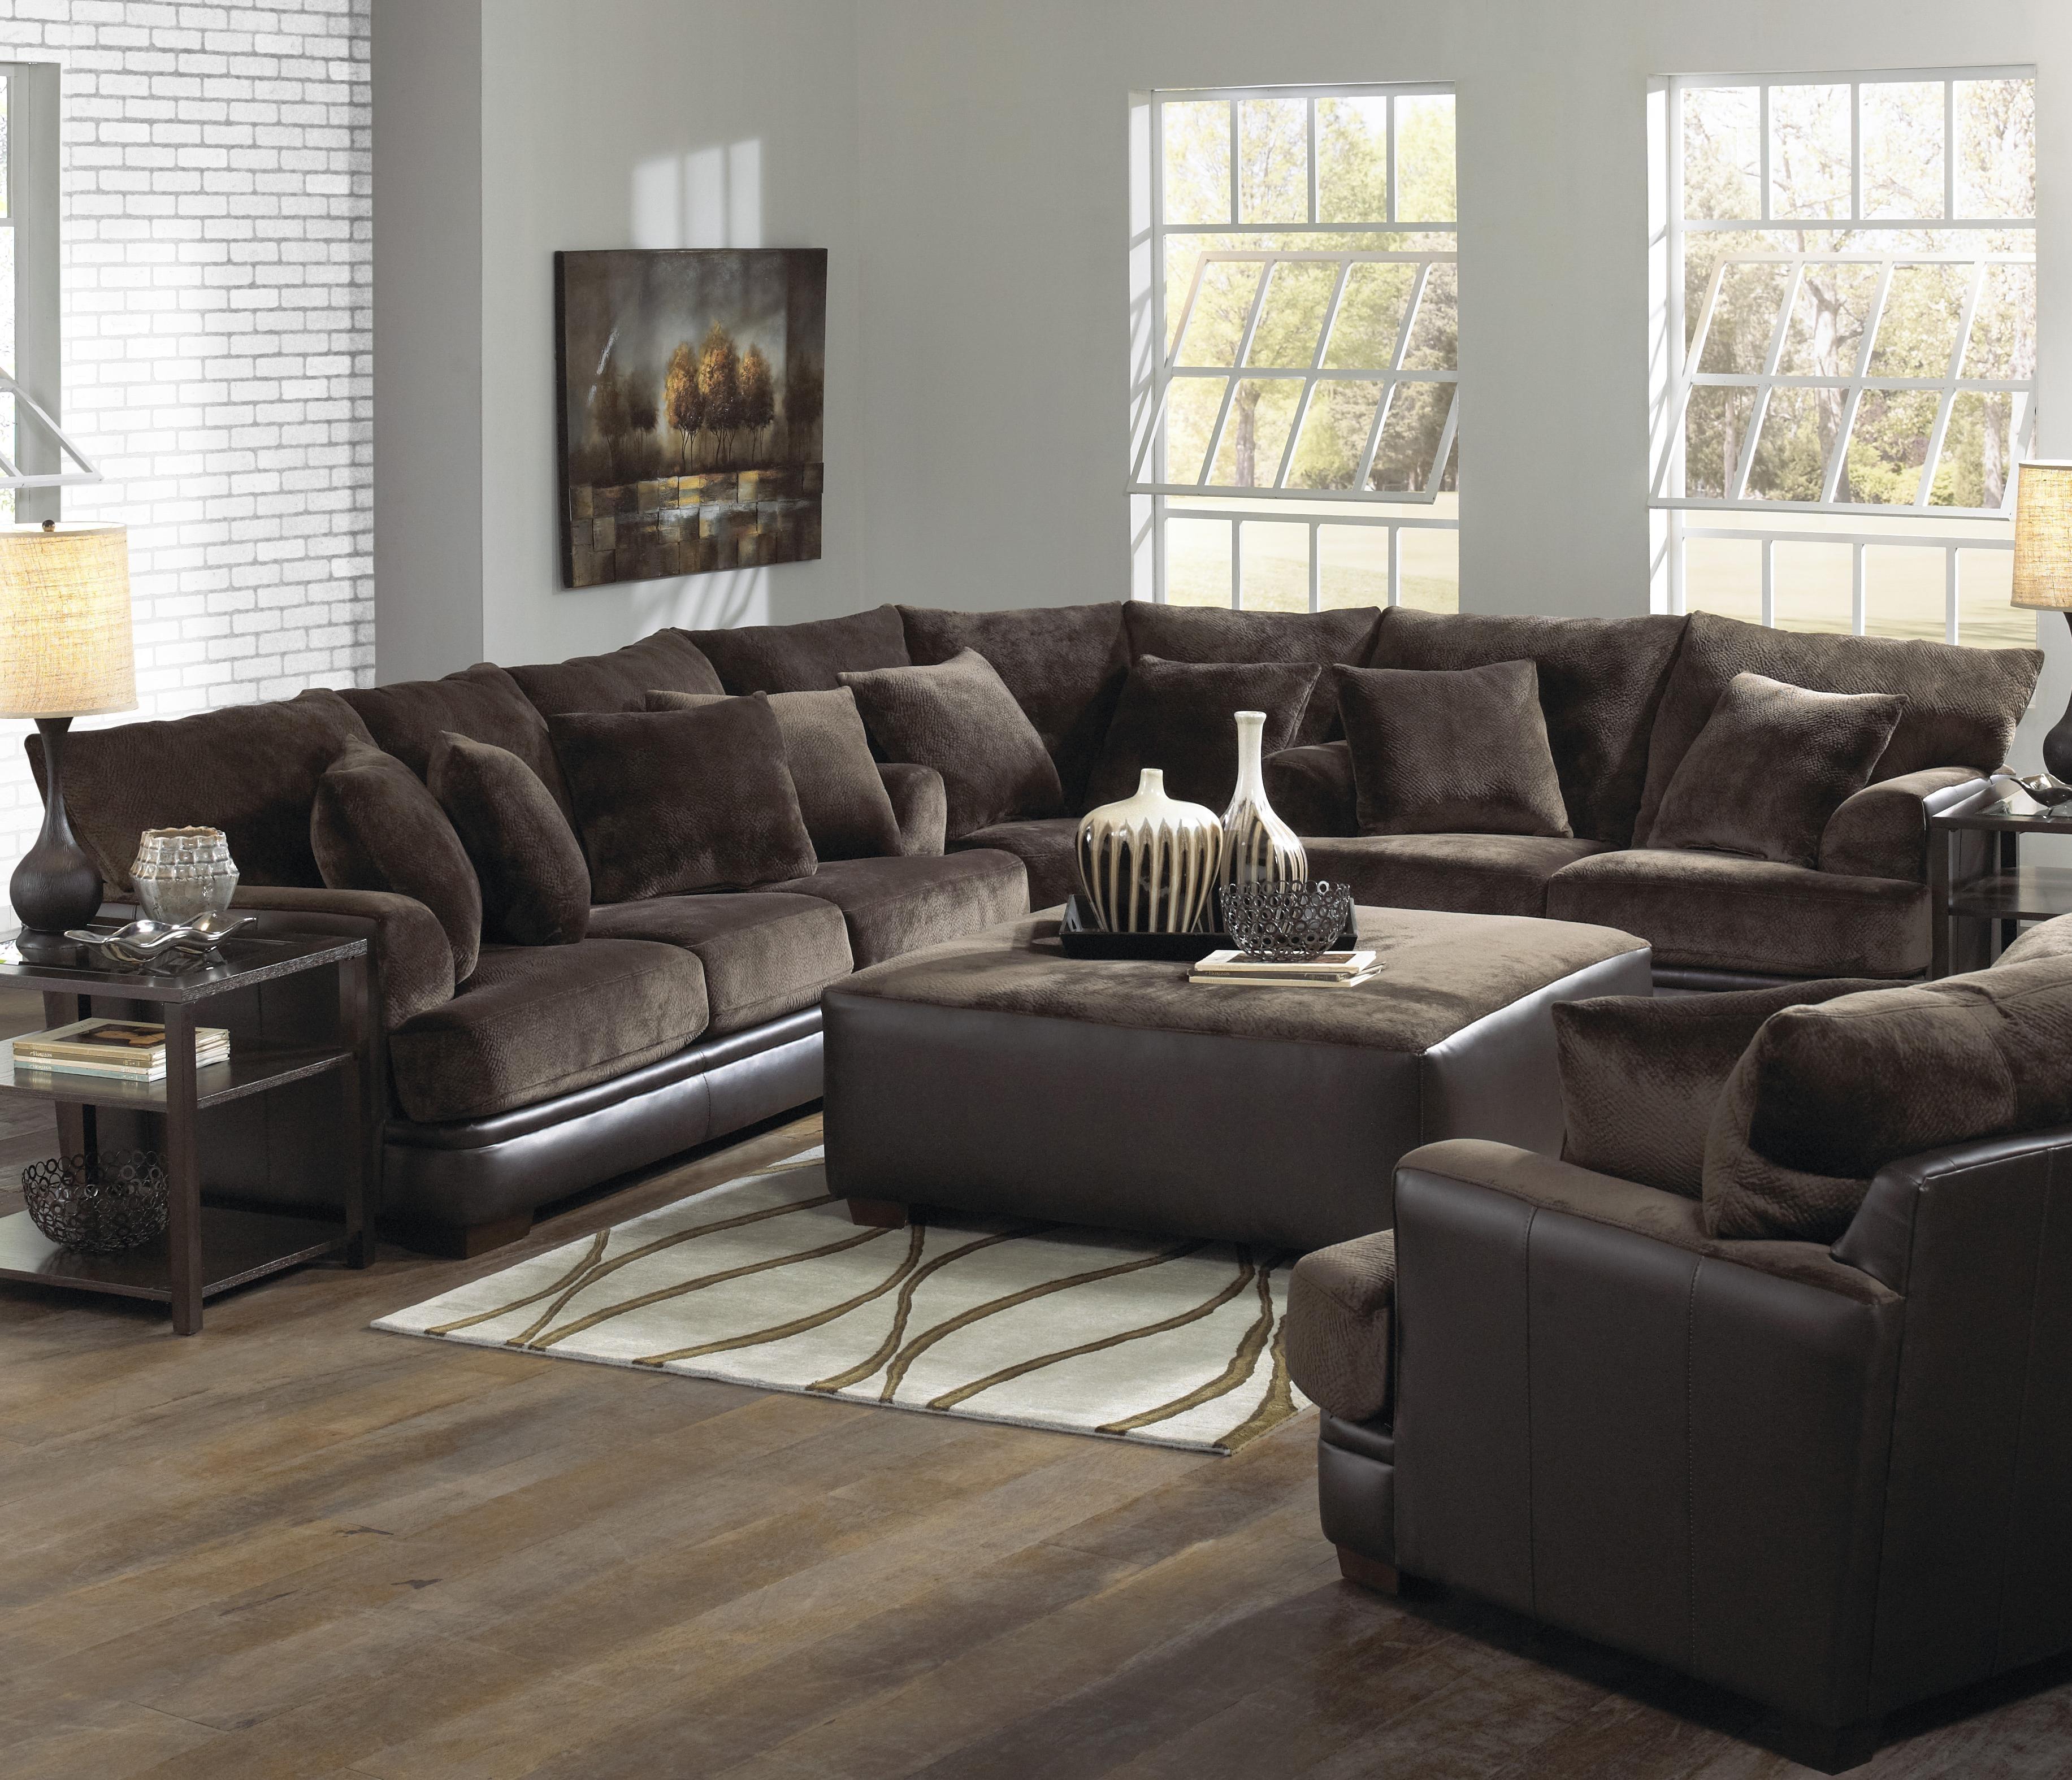 Amazing Large U Shaped Sectional Sofa 18 On Reclining Sectional for U Shaped Leather Sectional Sofas (Image 1 of 10)